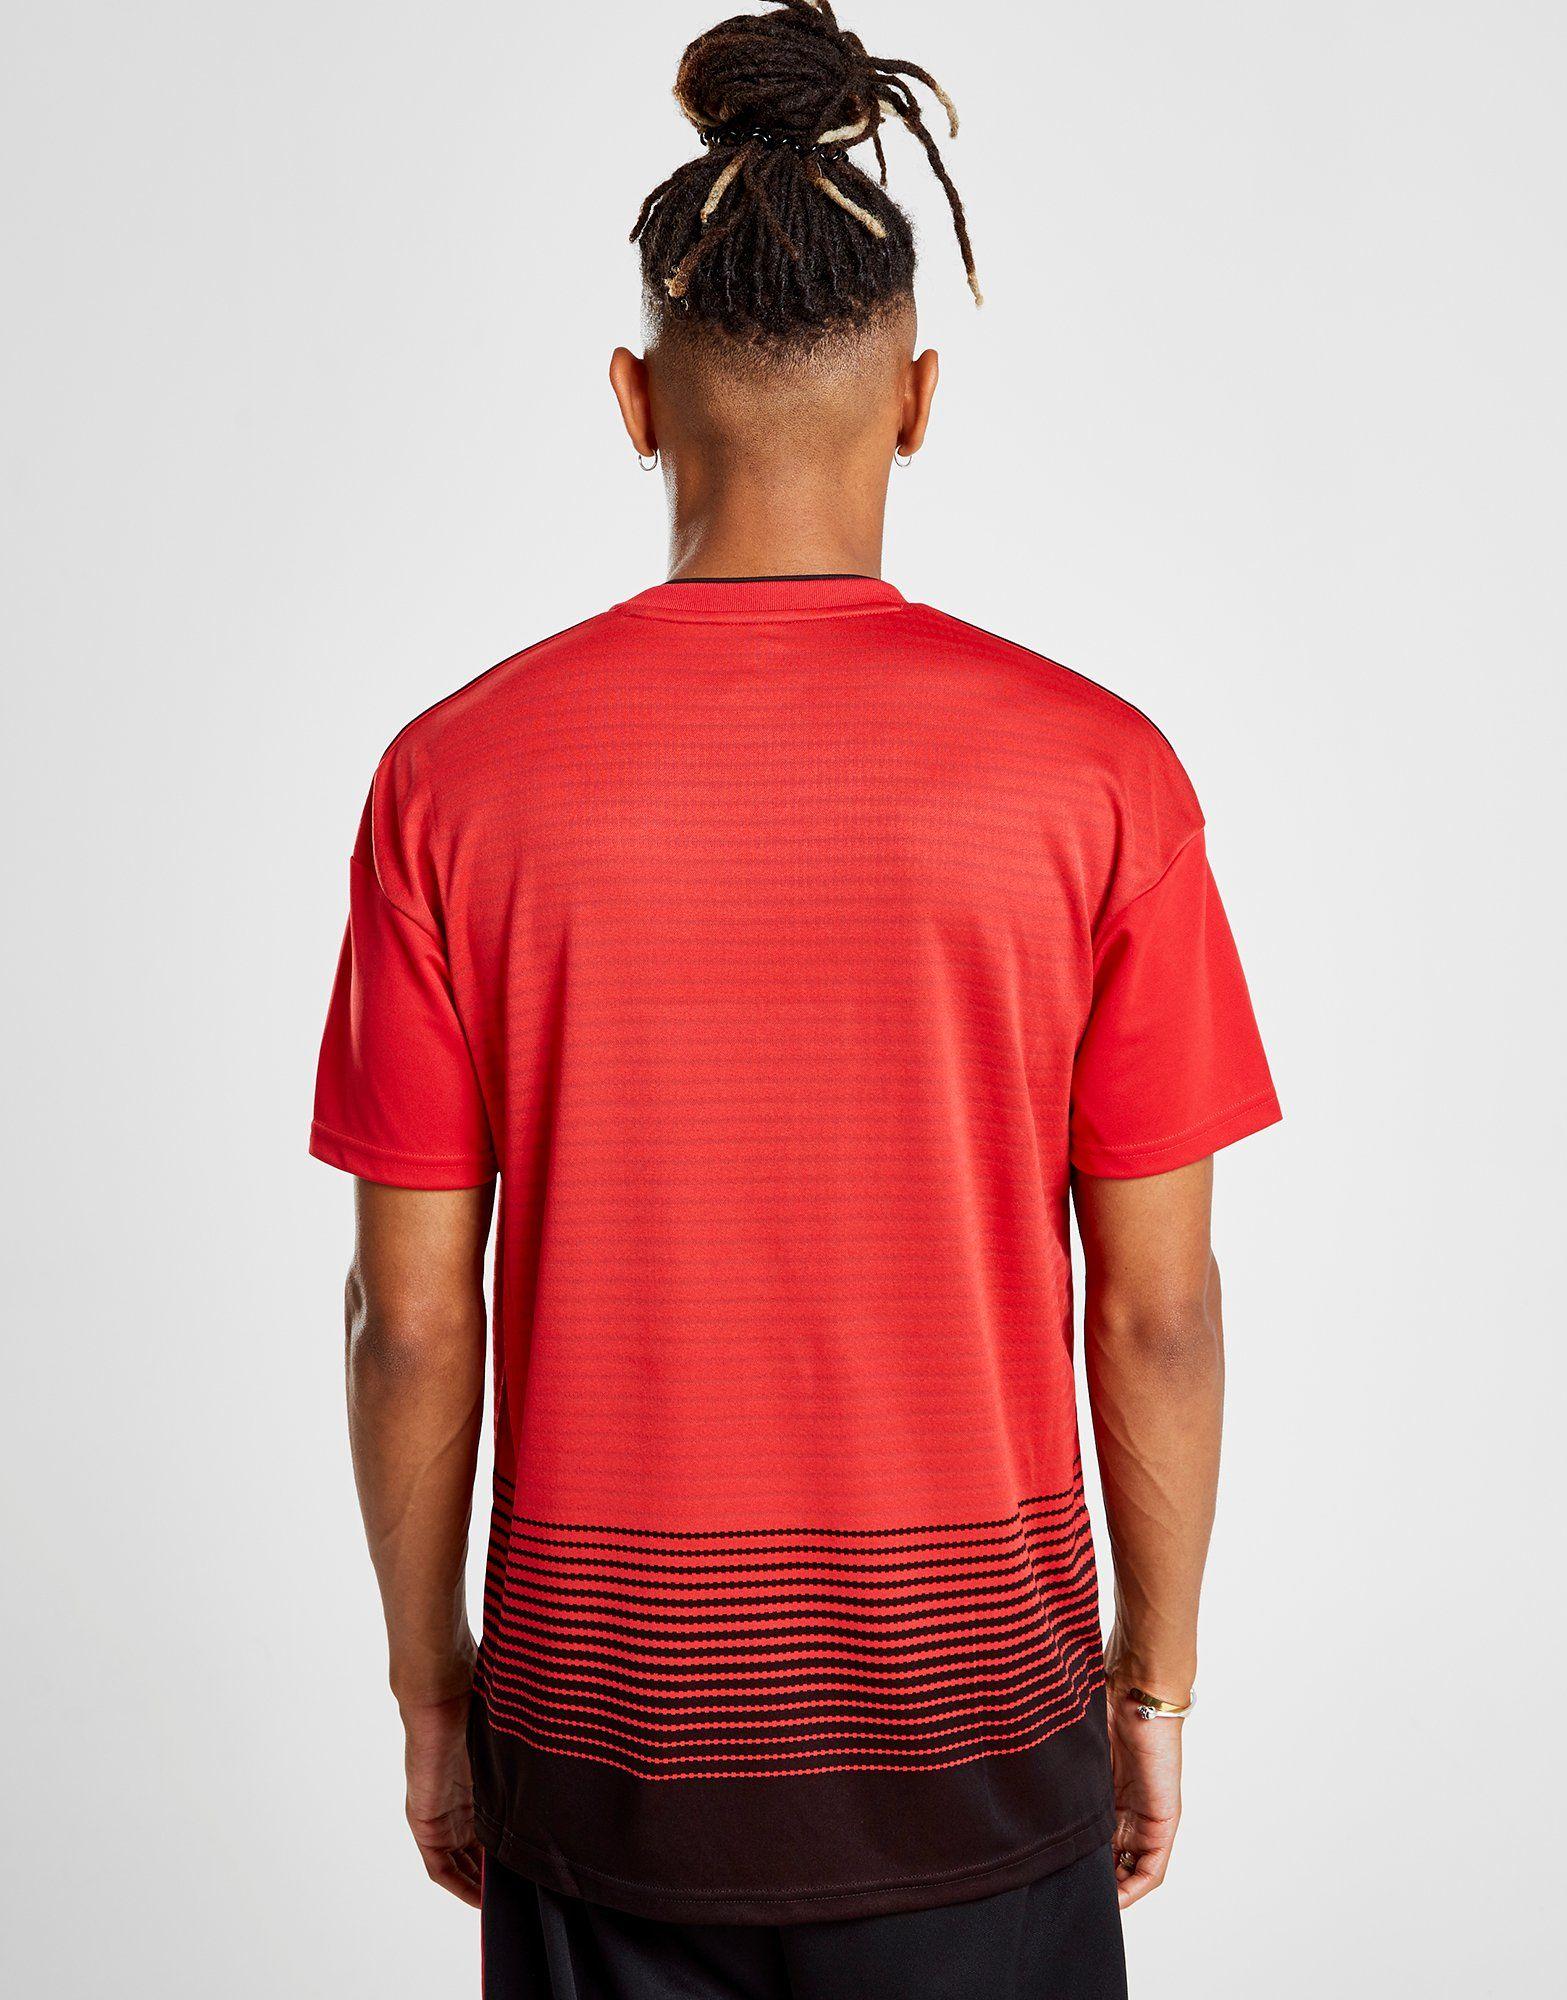 adidas camiseta Manchester United FC 2018/19 1.ª equipación